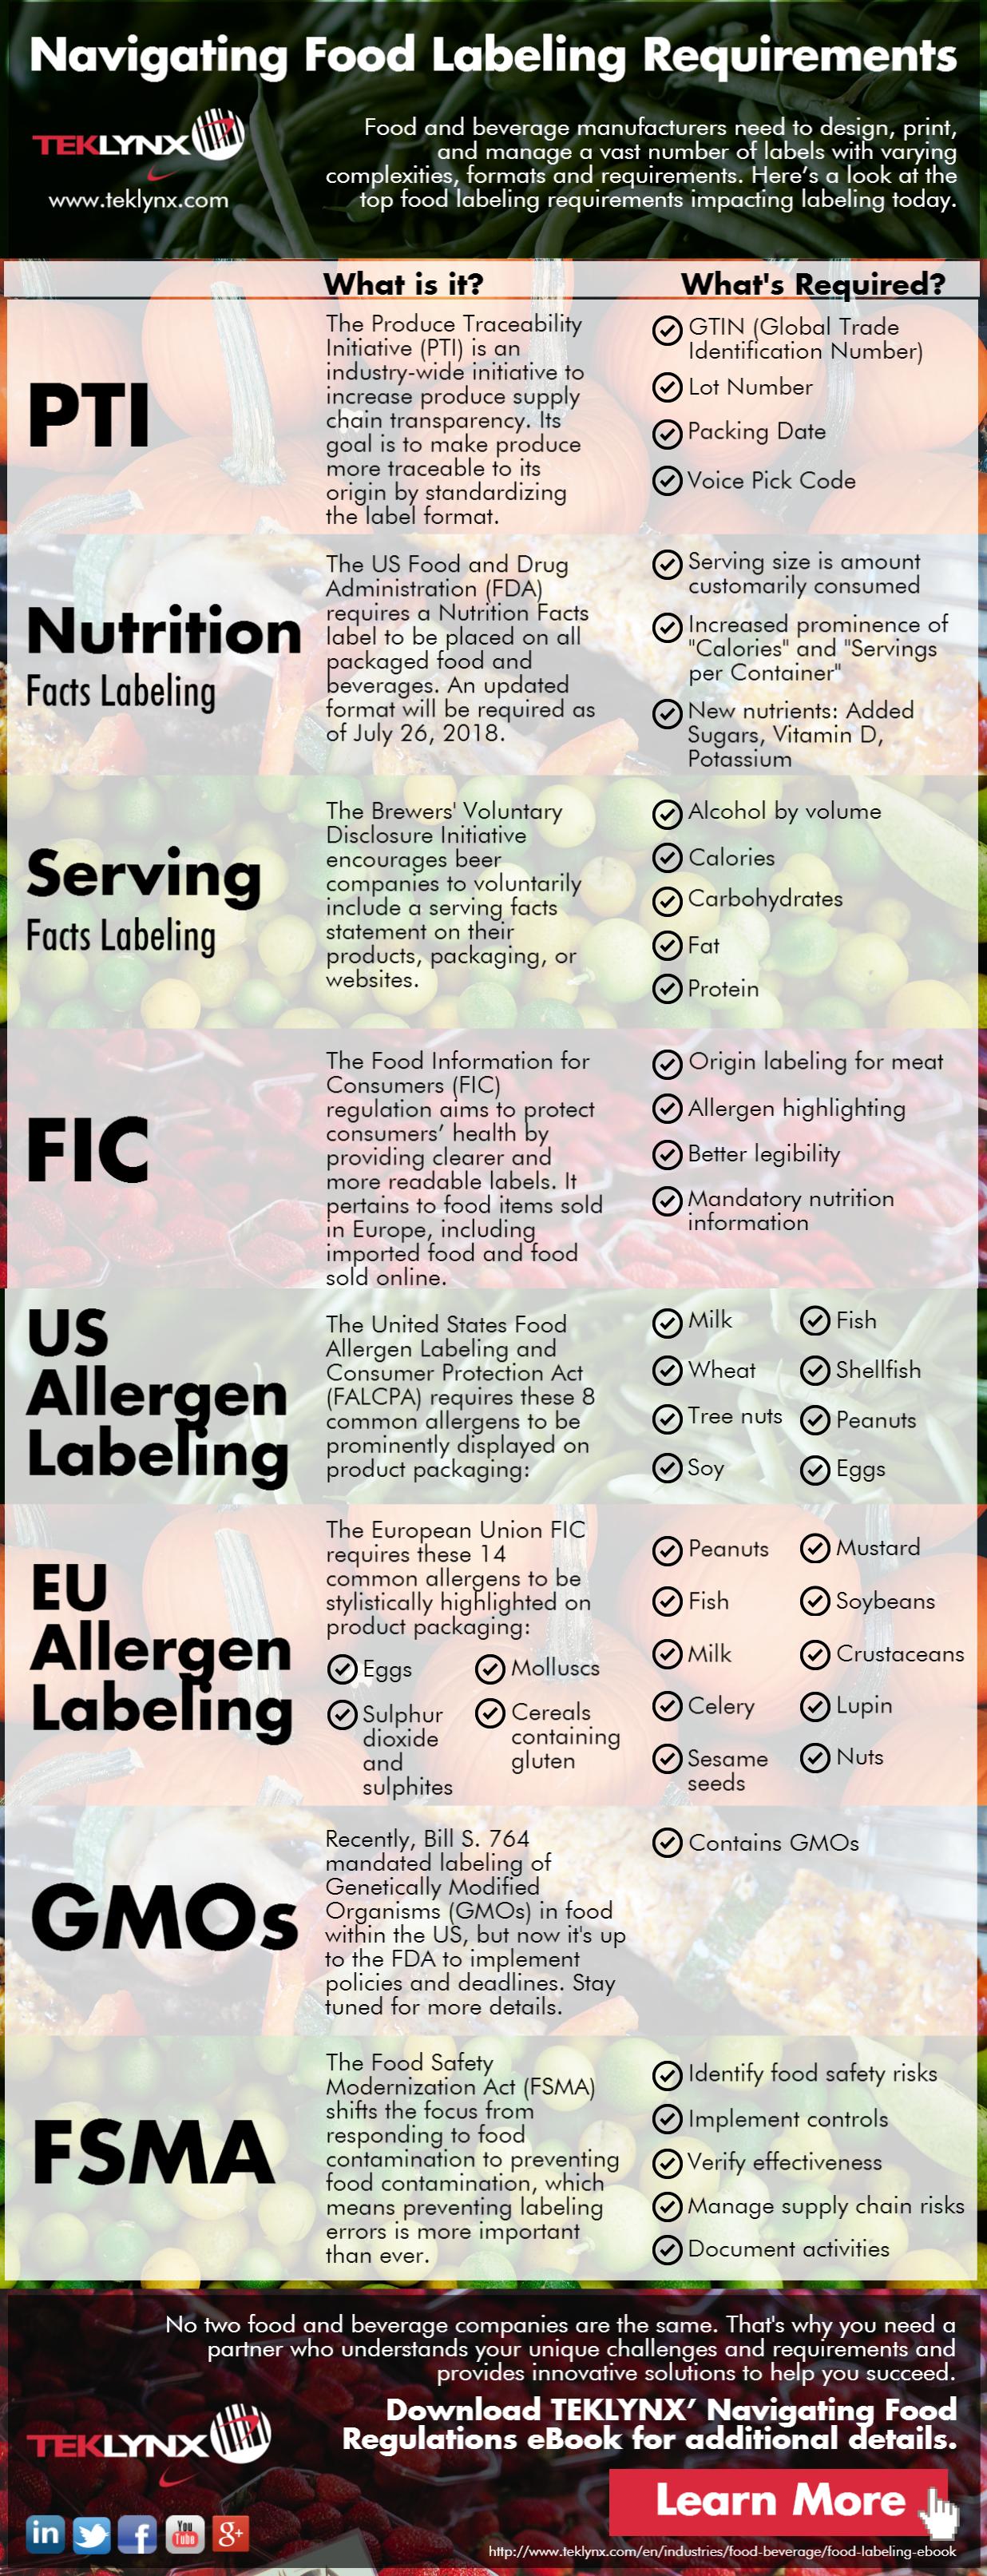 資訊圖表:滿足食品標籤要求